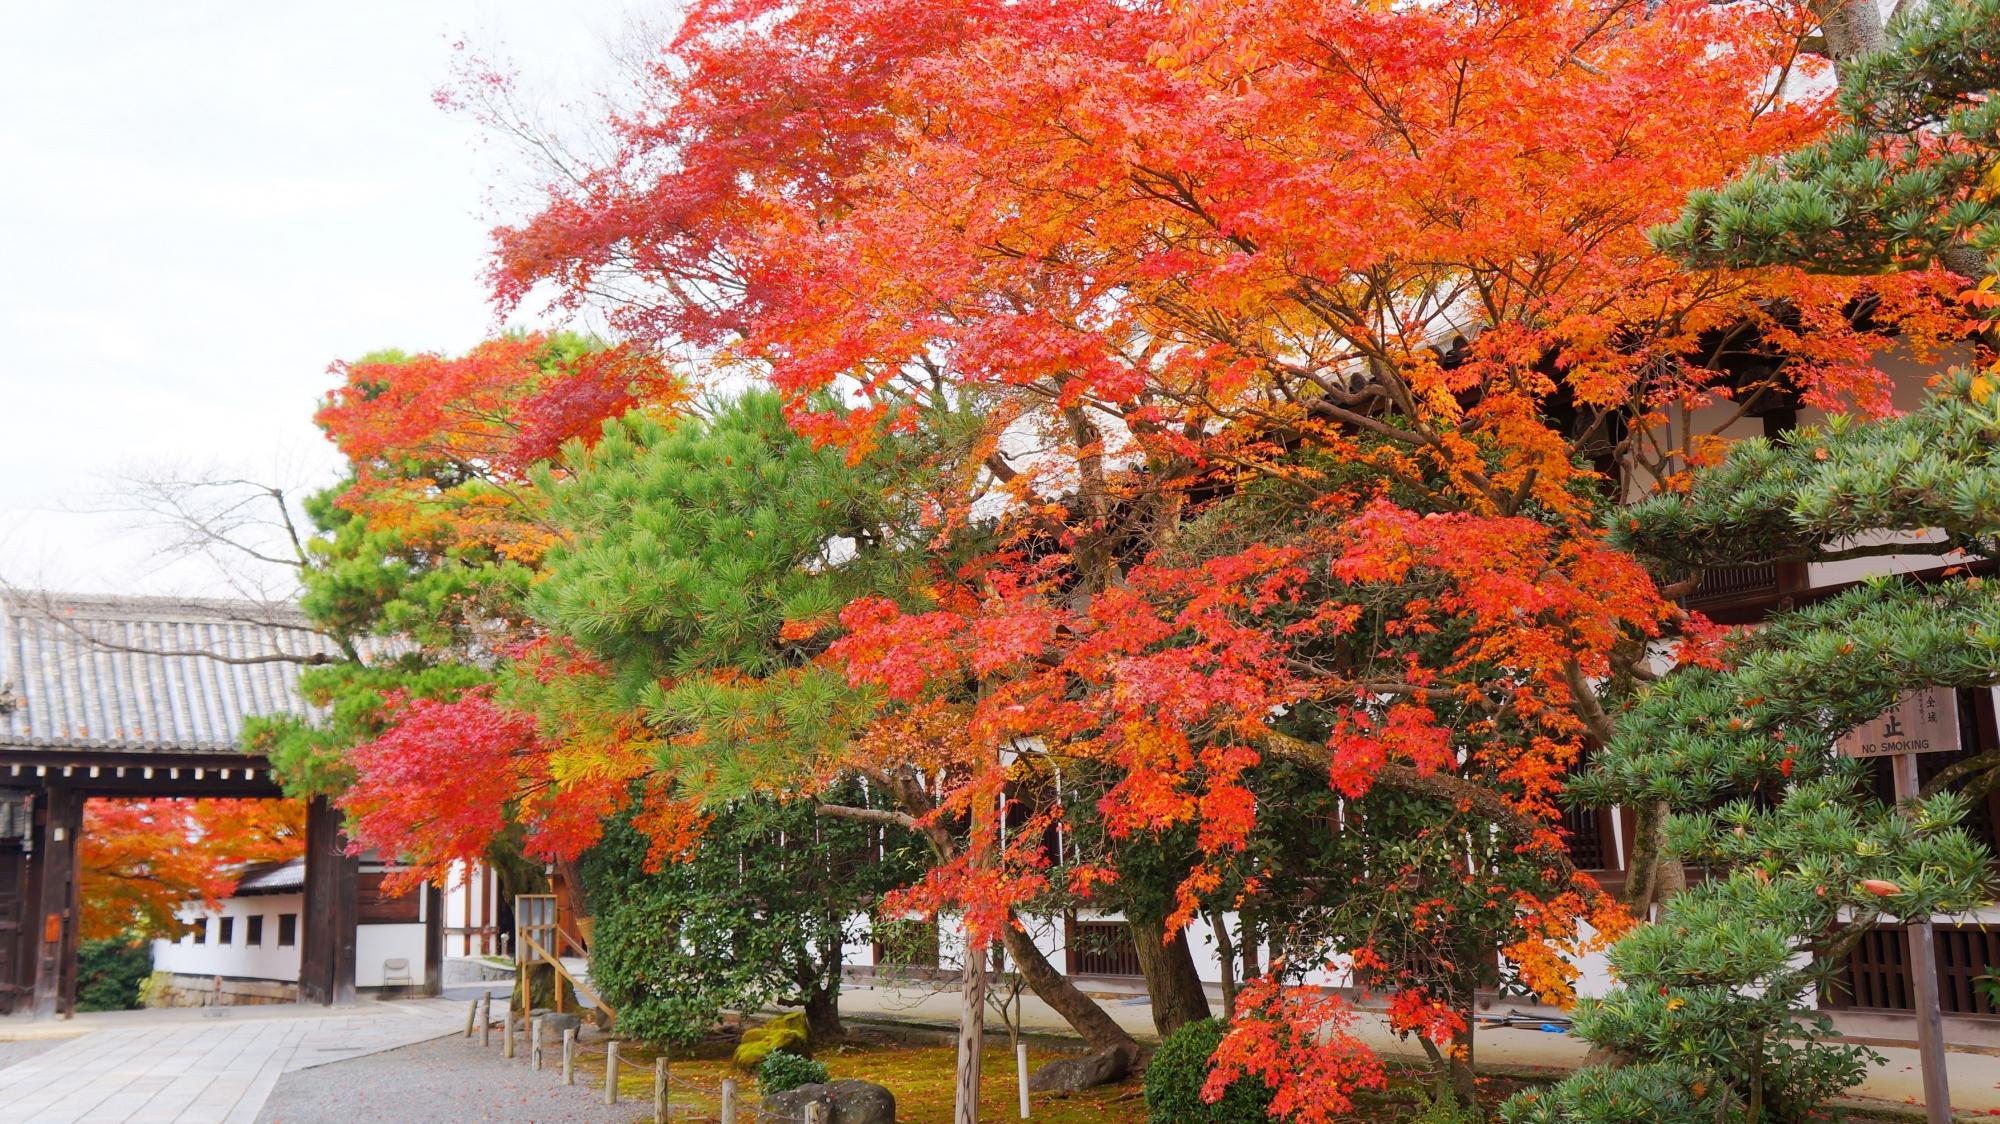 知恩院の奥に見える北門と多様な緑を彩る多彩な紅葉